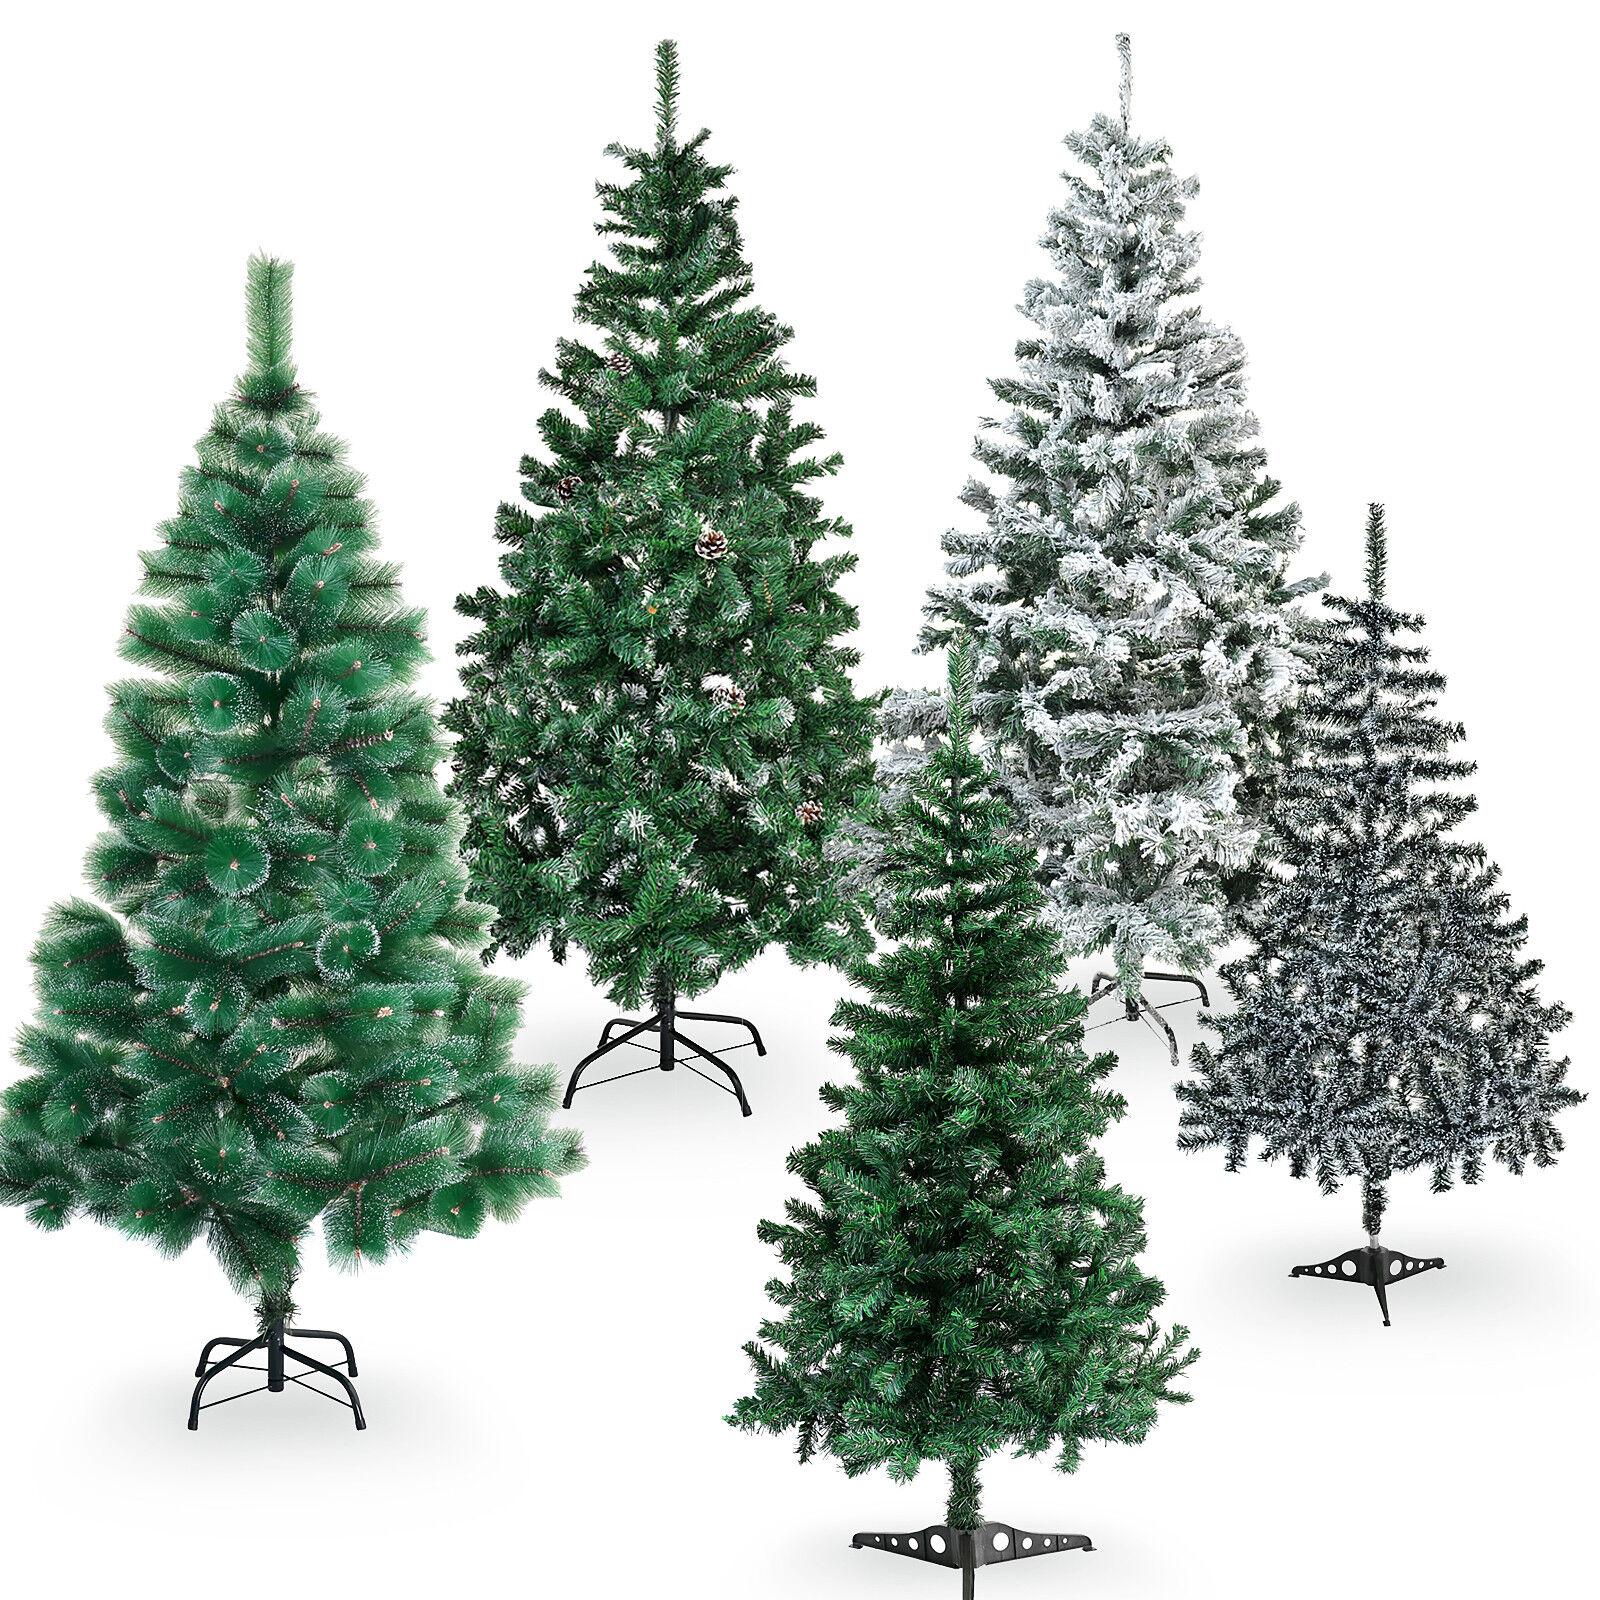 150-180cm Weihnachtsbaum Kunststoff Kunstbaum Dekobaum Christbäume Tannenbäume